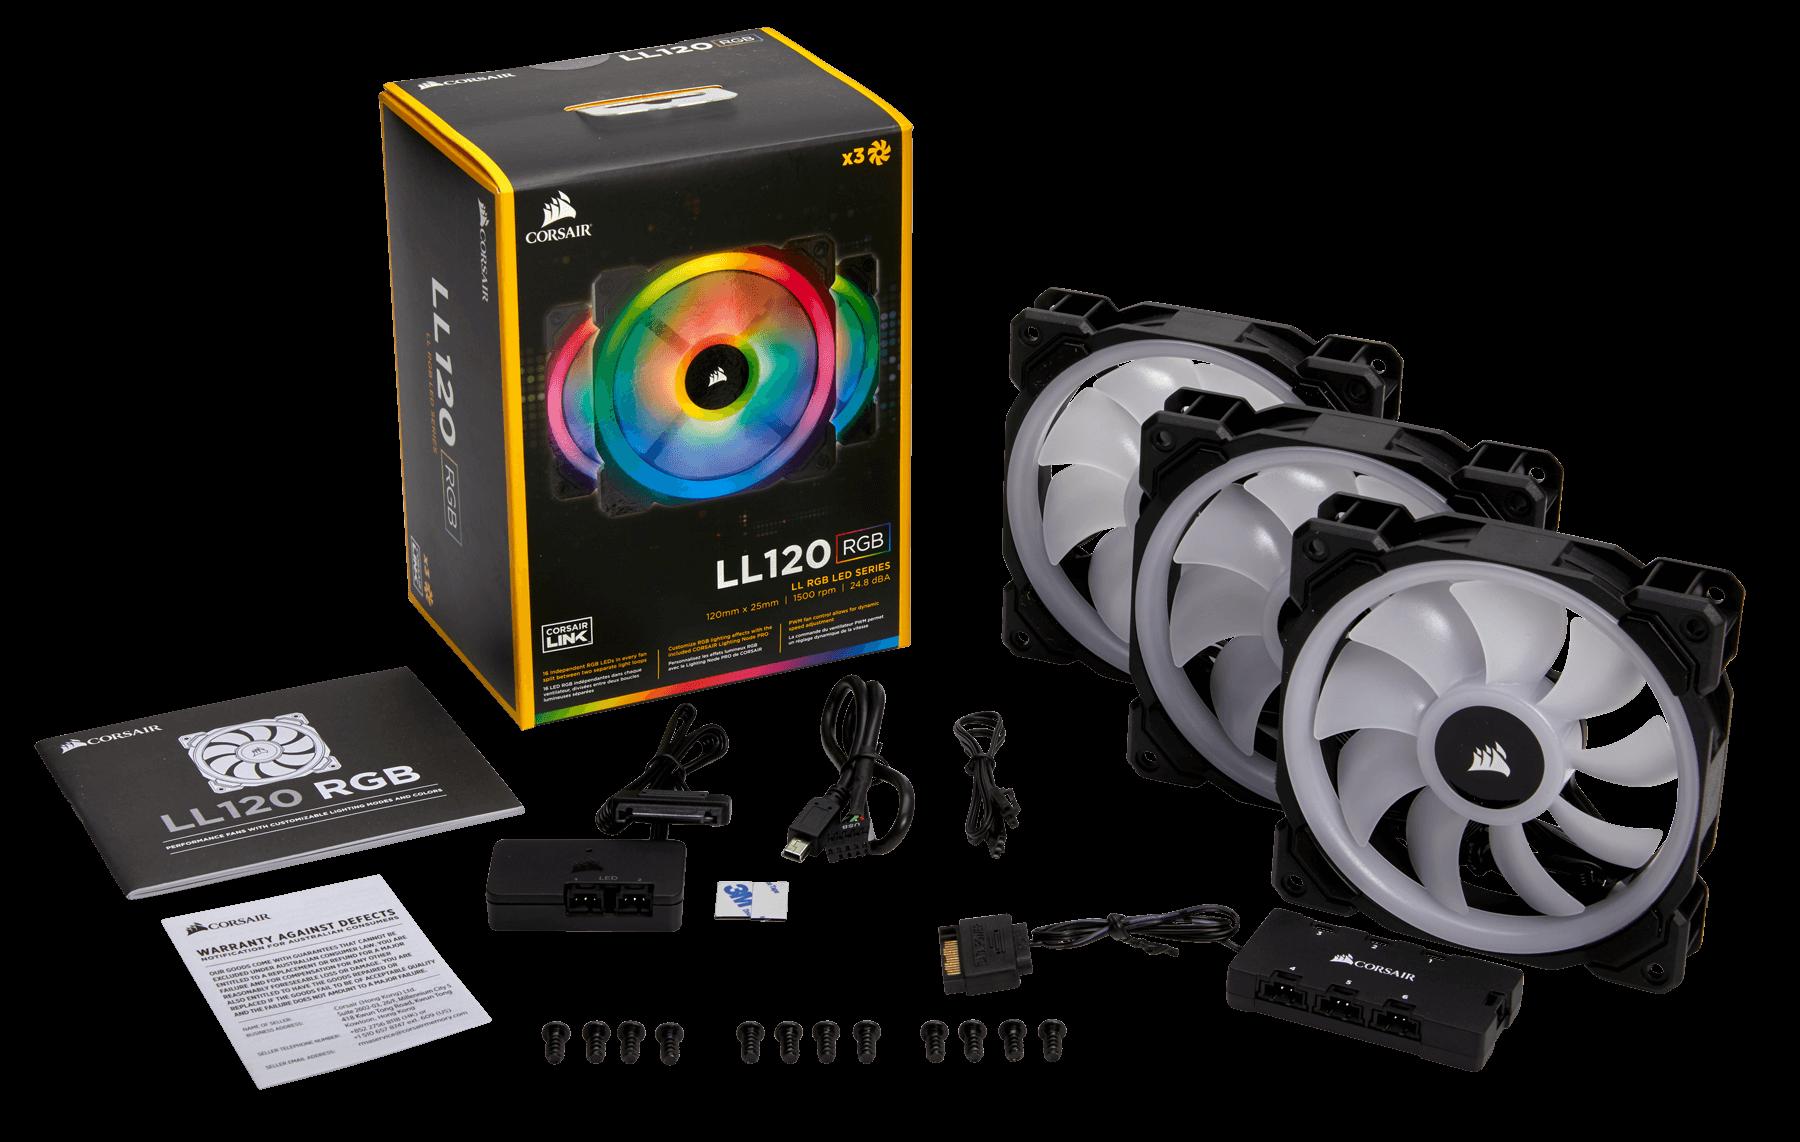 LL120_RGB_05_Contents